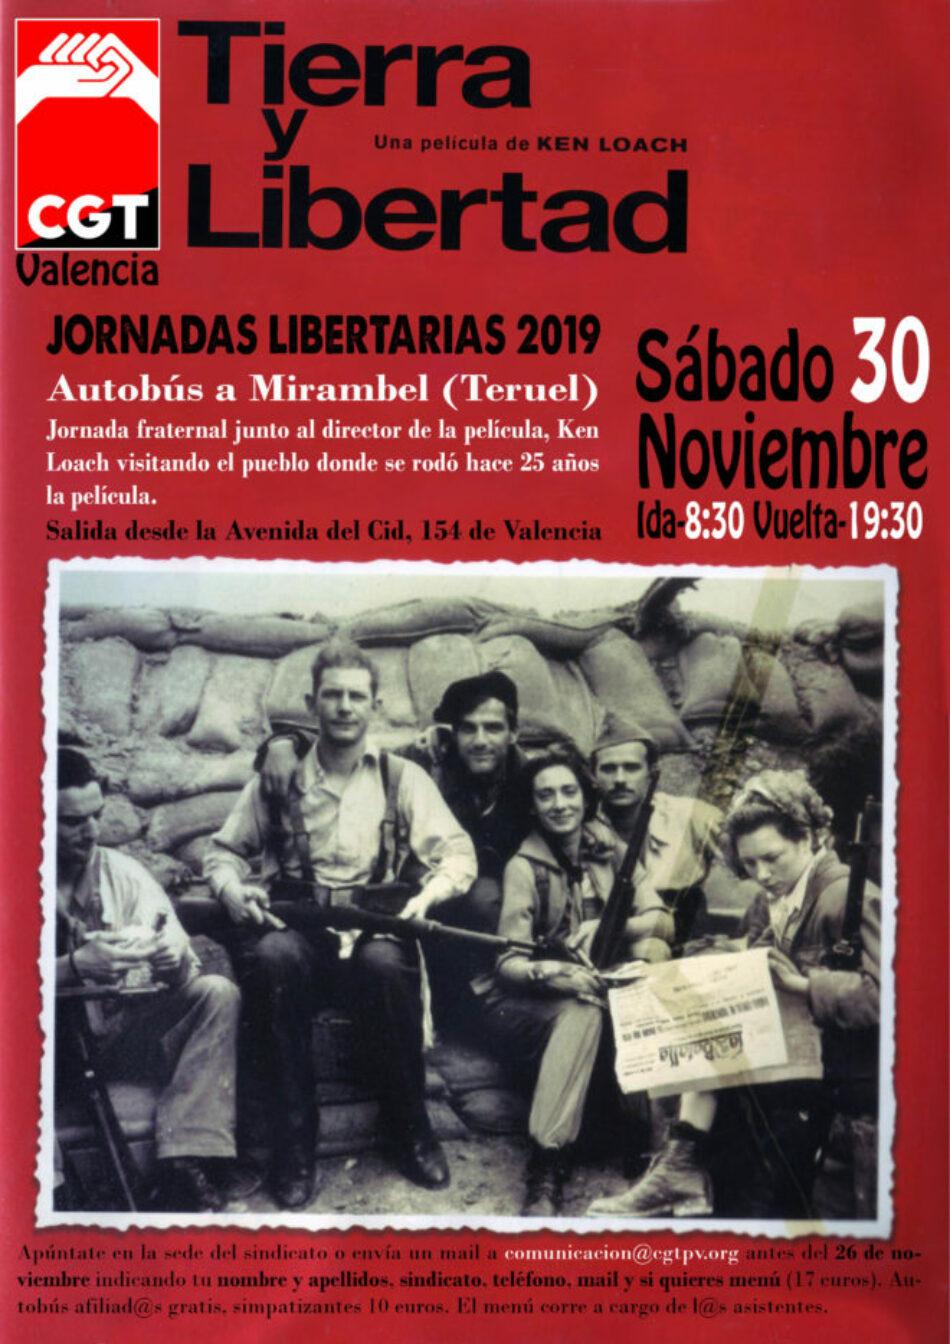 Las Jornadas Libertarias 2019 de CGT-Valencia conmemoran el 25º aniversario de 'Tierra y Libertad'